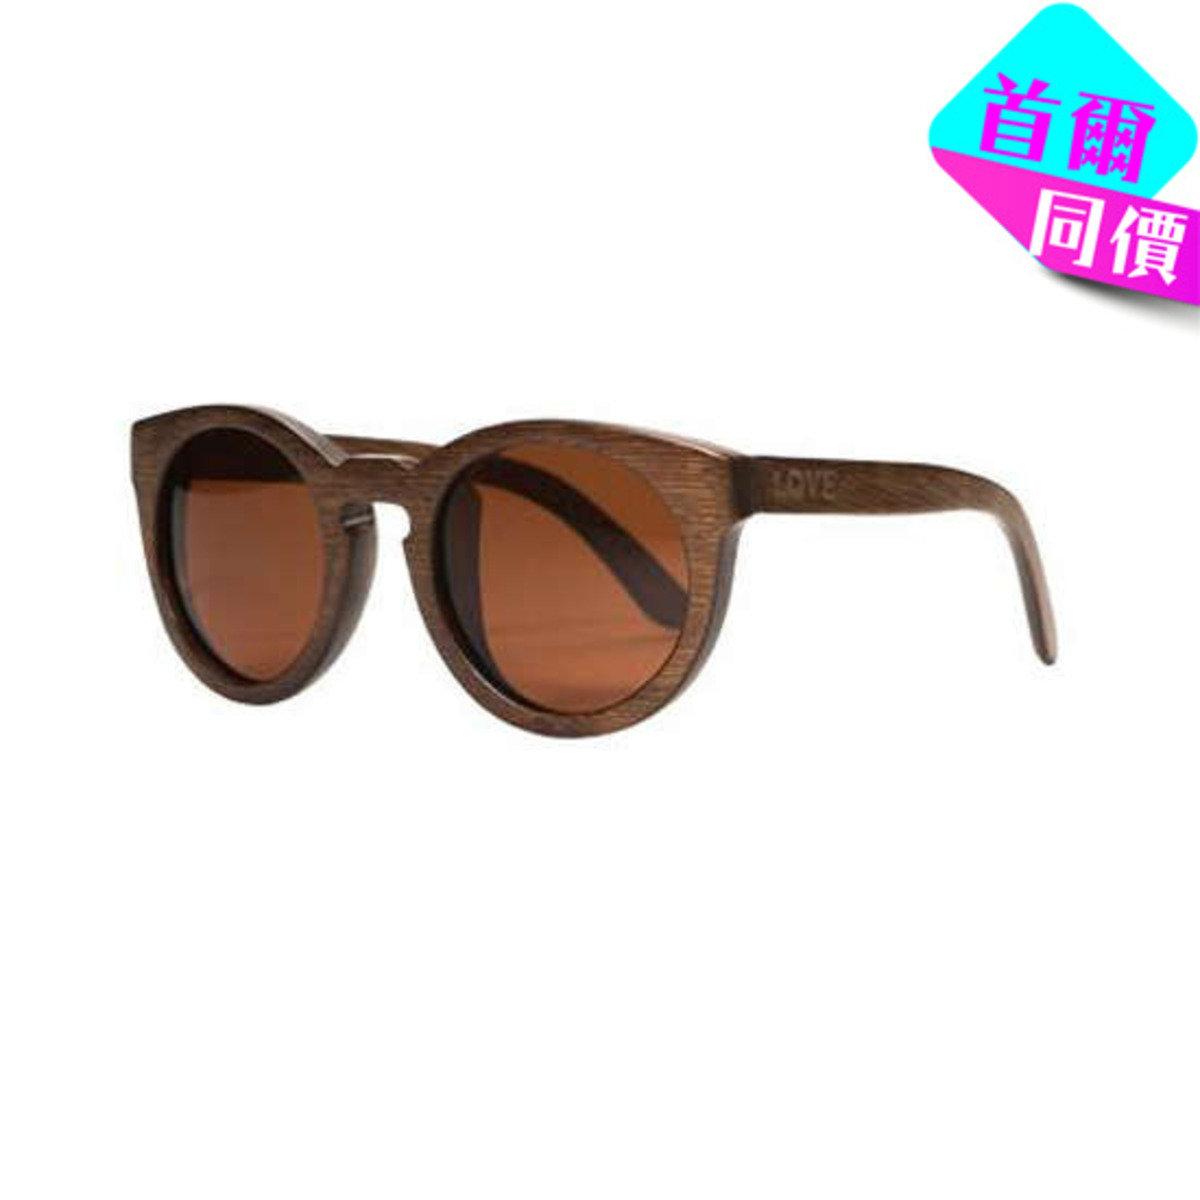 LACE  - 啡色木製框架太陽眼鏡